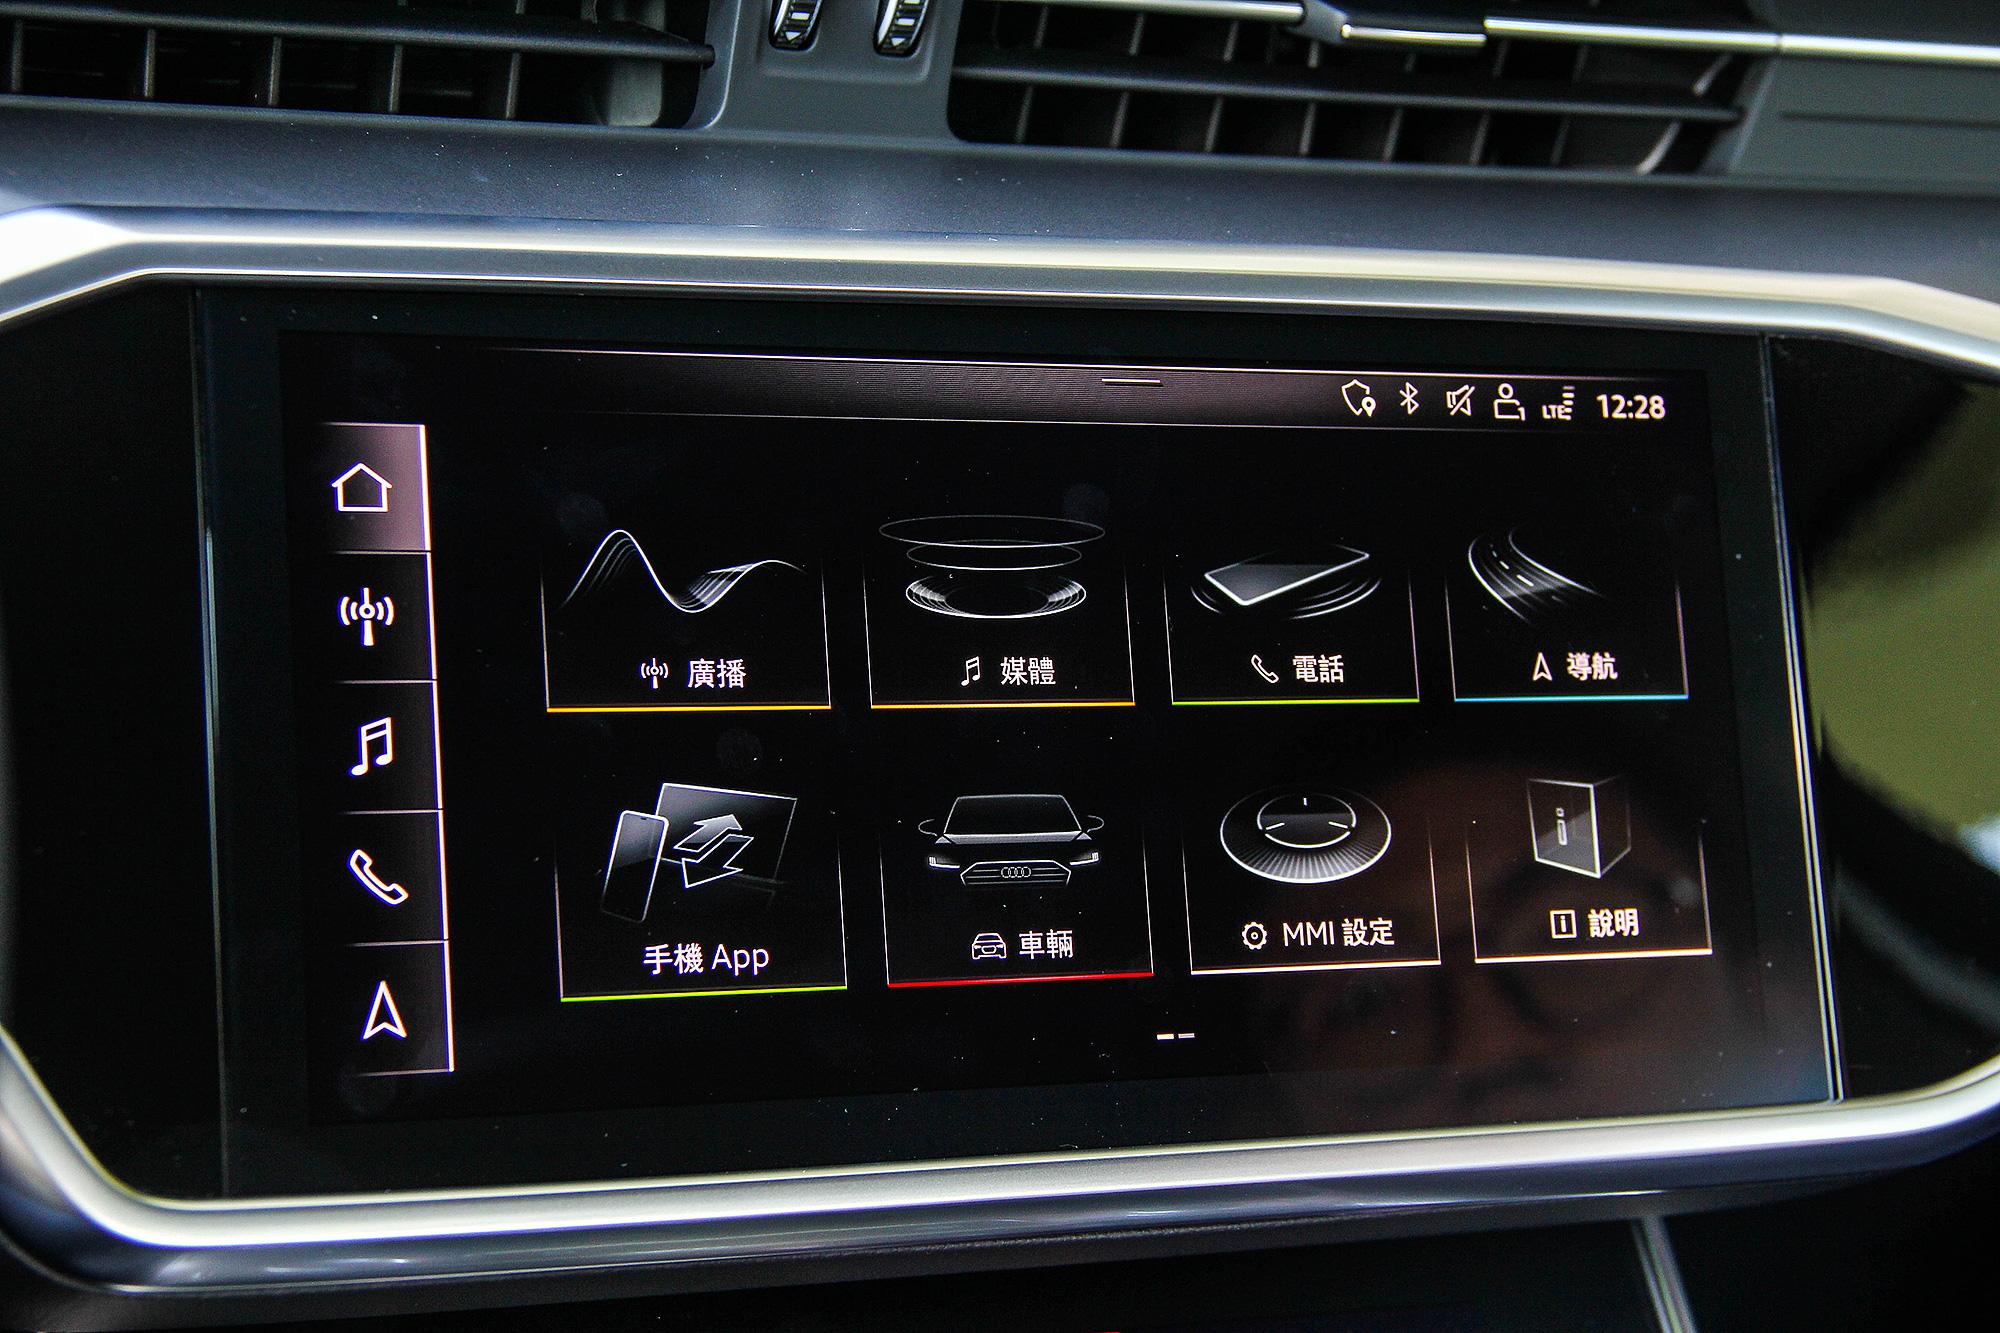 圖像式的操作介面,使用邏輯與智慧型手機相仿。